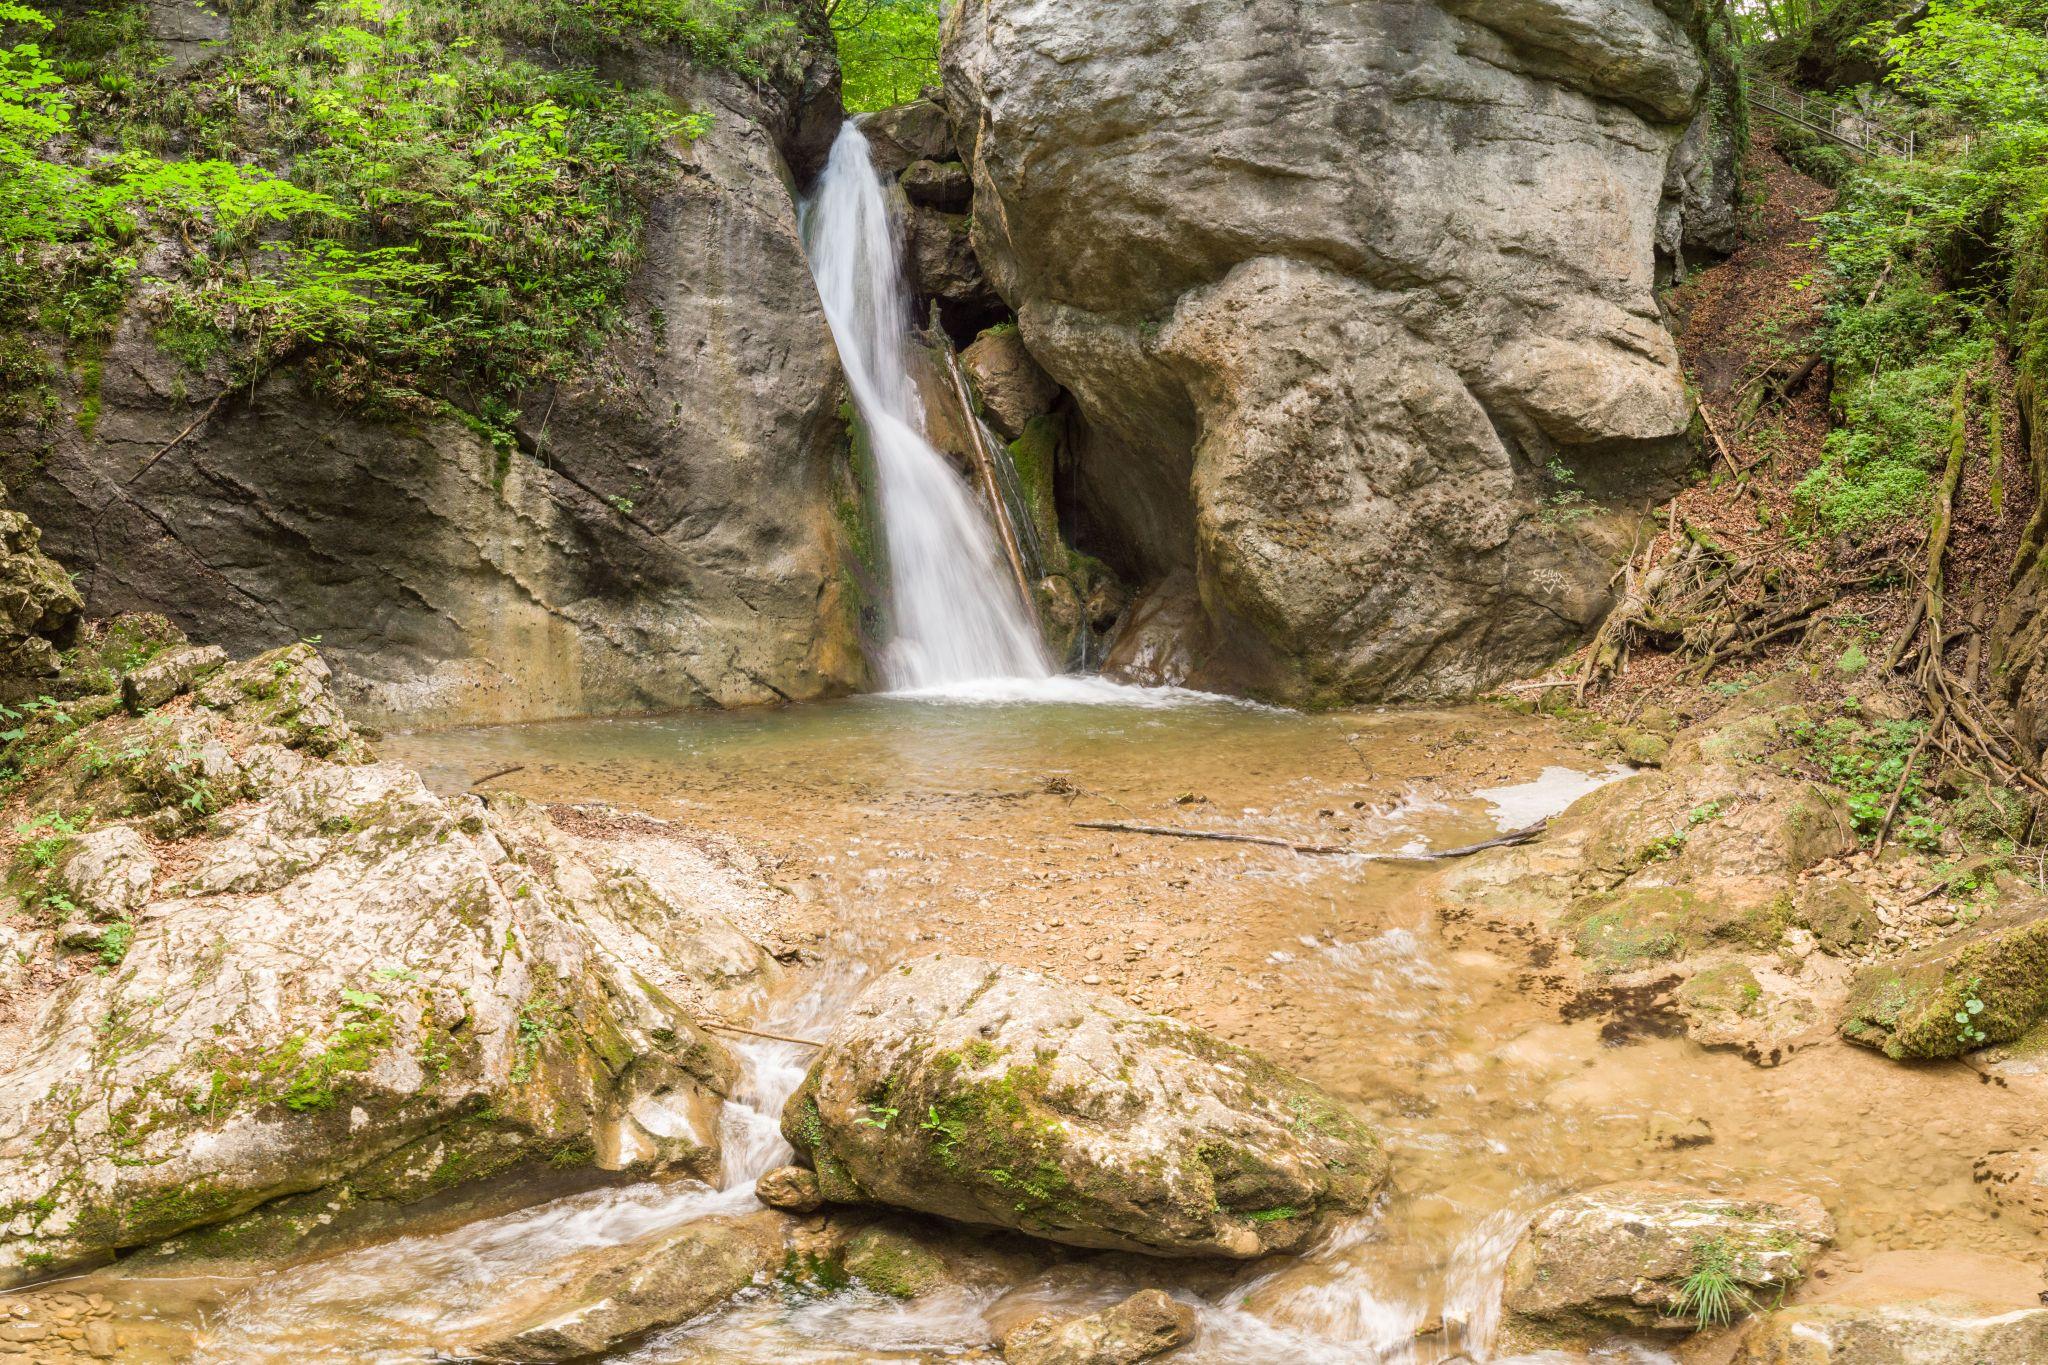 Rinnerberger Wasserfall, Austria